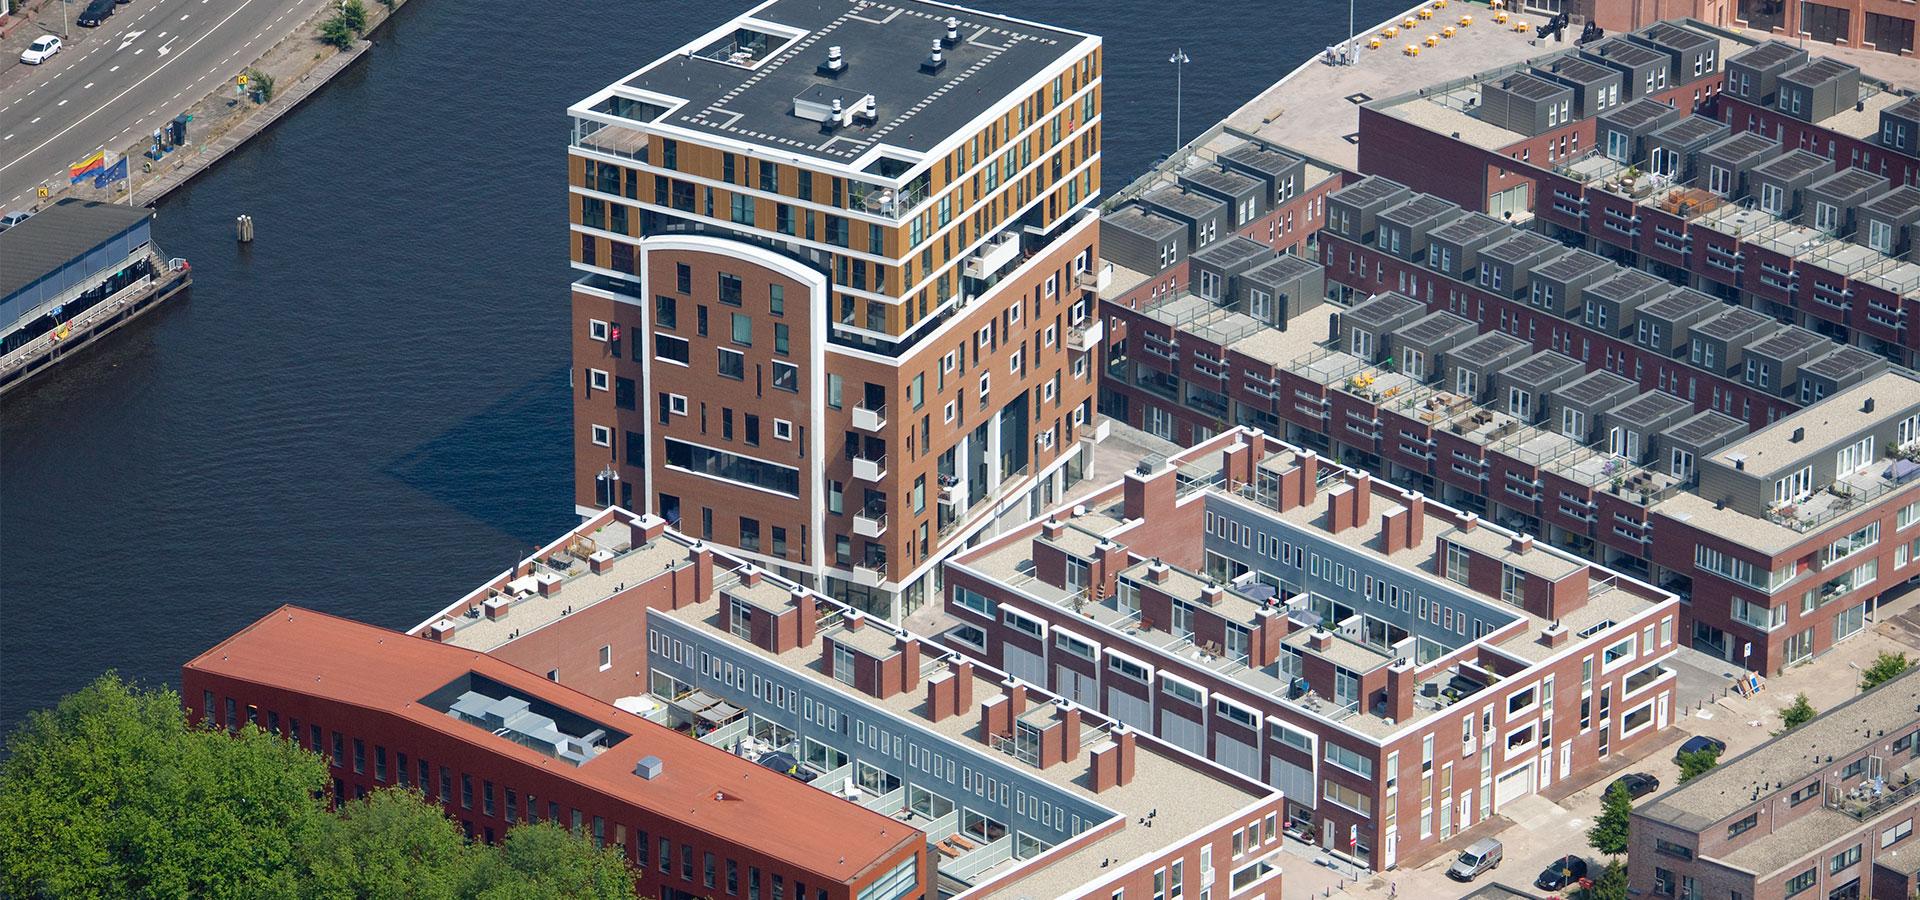 FARO architecten Drosteterrein Haarlem 01